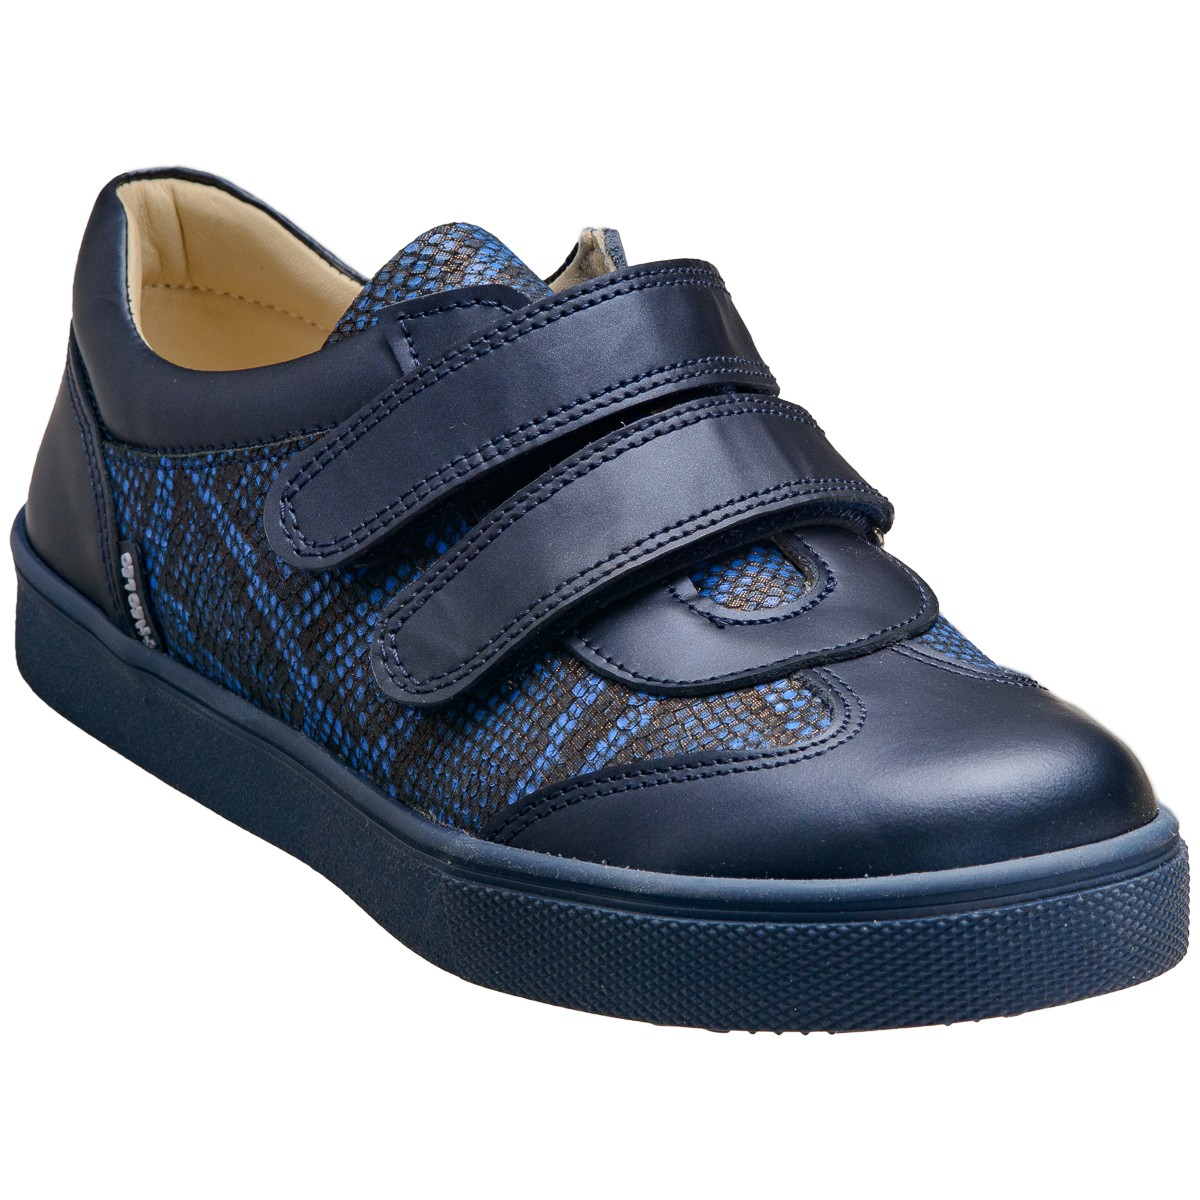 5b22d0264 ᐈ Детская ✿ Весенняя ☁ Осенняя Ортопедическая Обувь — купить в  интернет-магазине Орто-Лайн